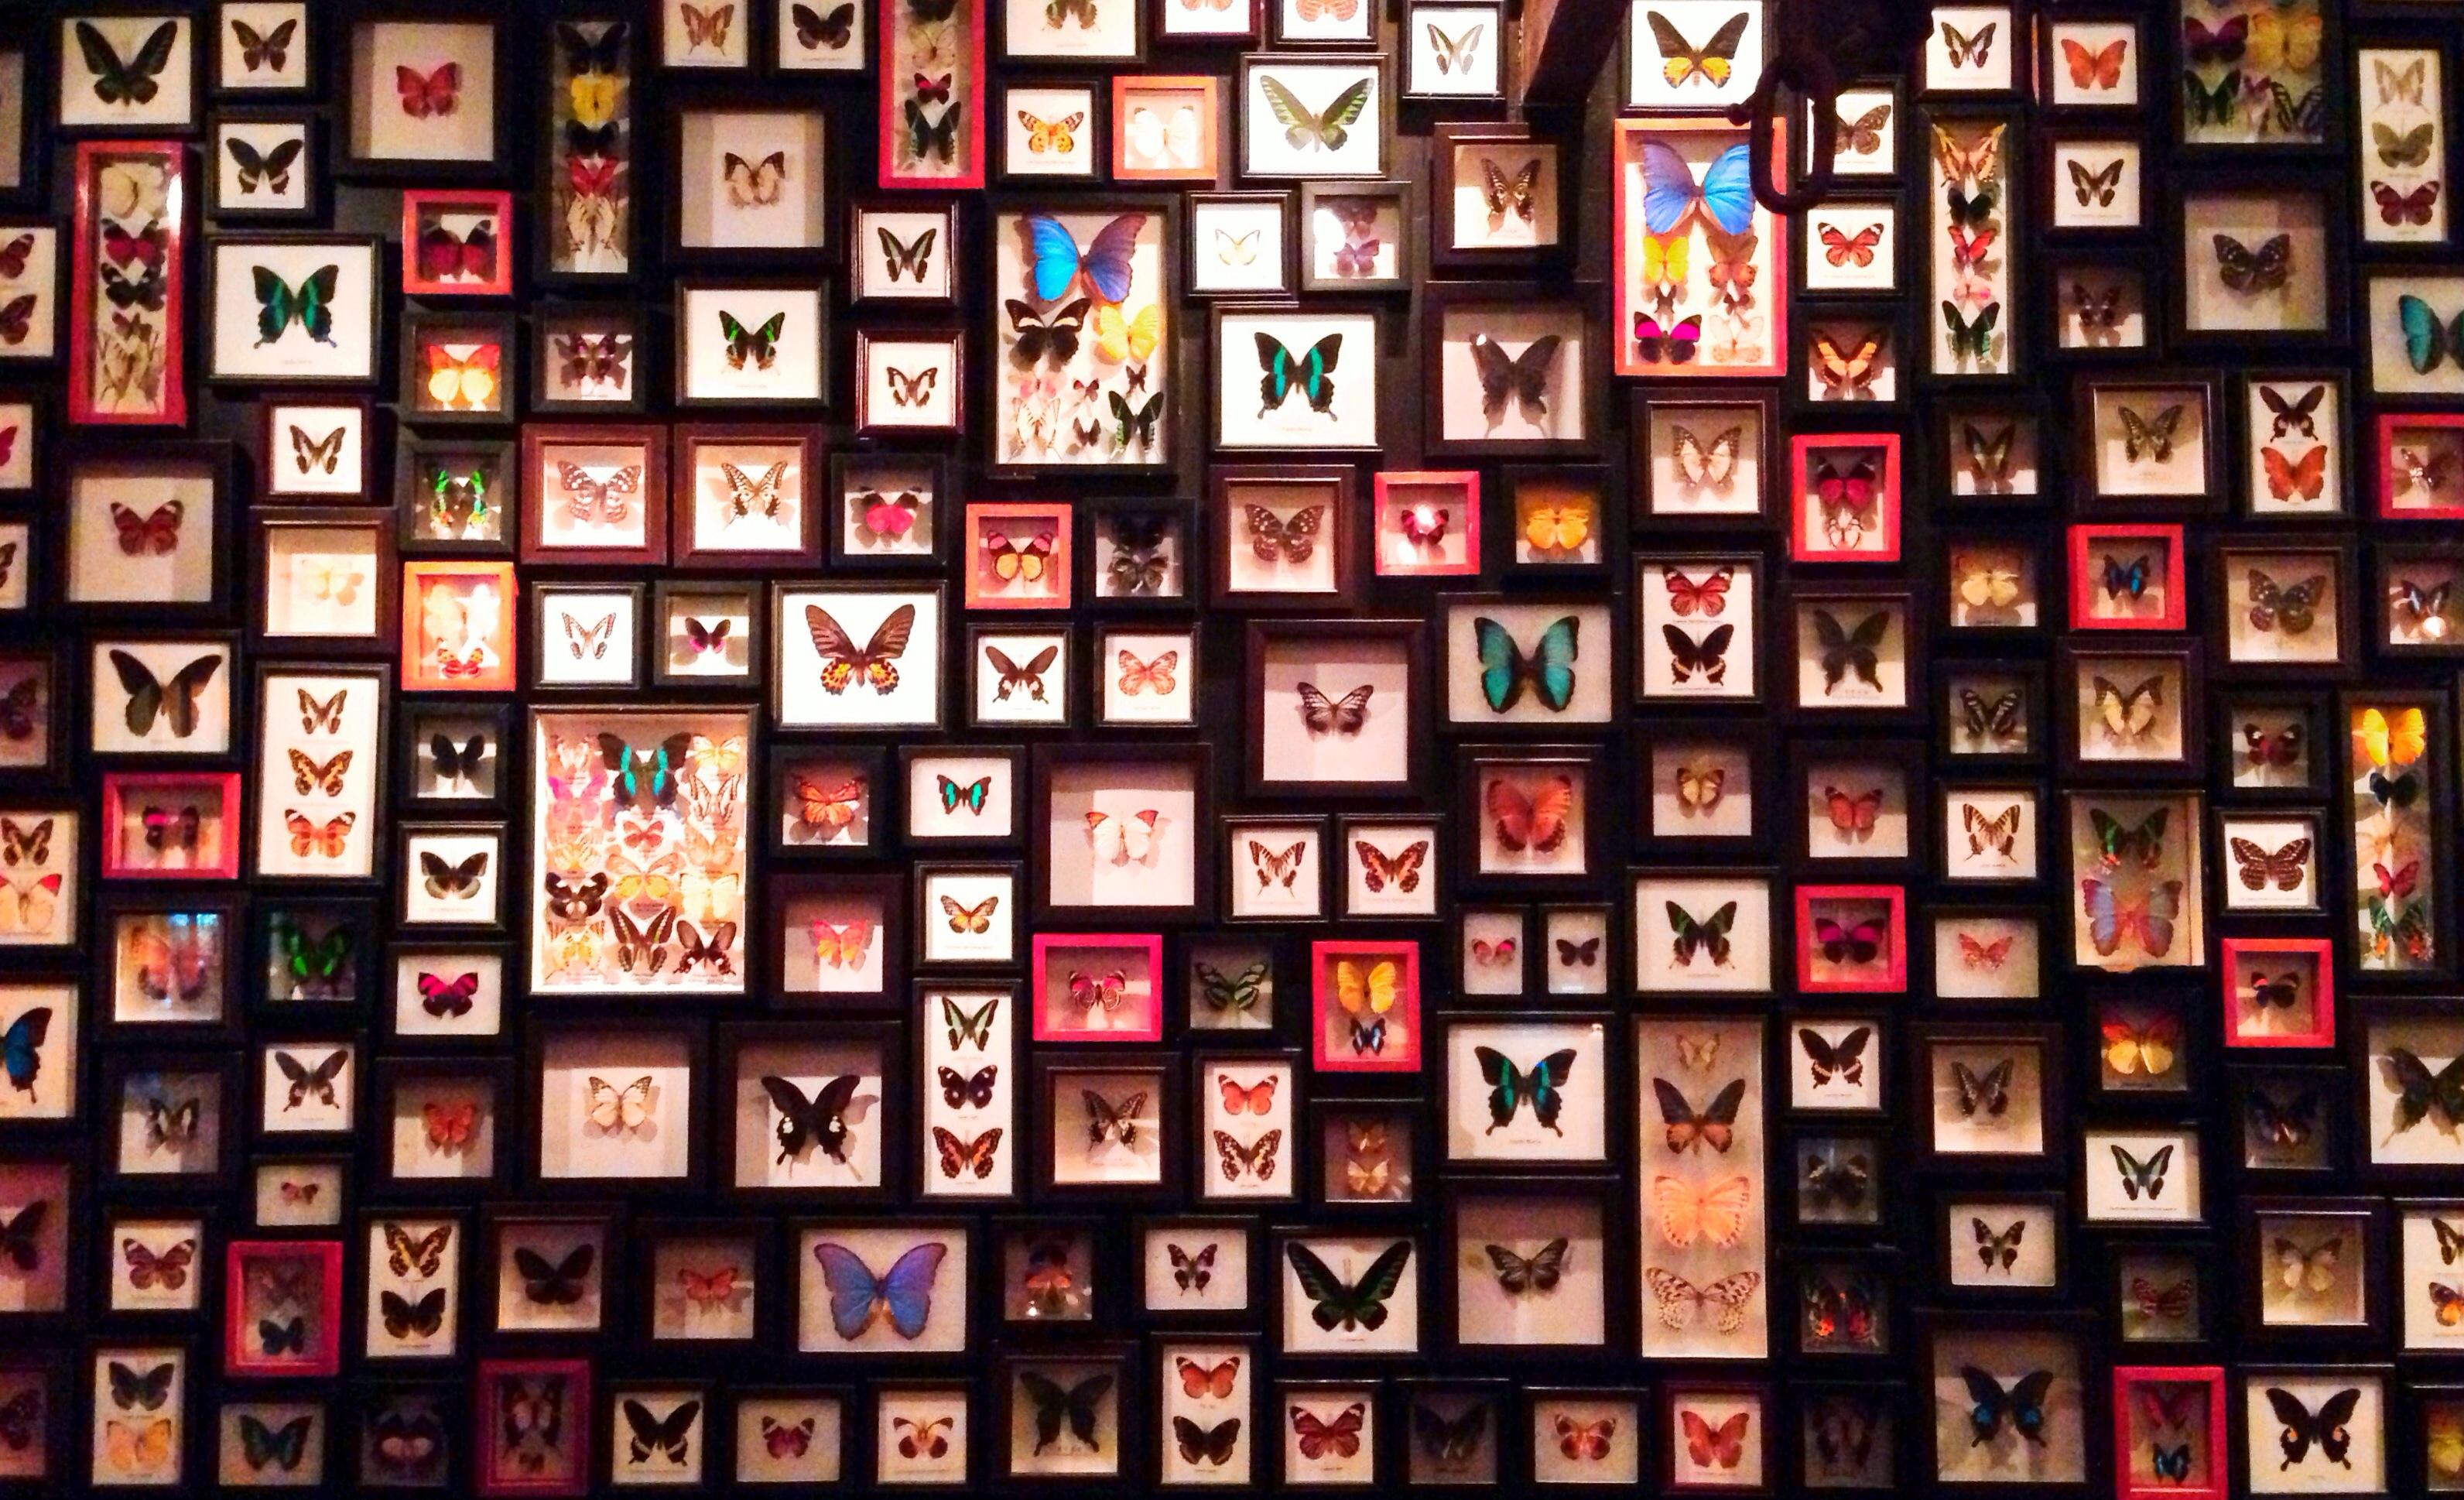 Hintergrundbilder : Reise, Mobile, Schmetterling, Restaurant, Rahmen ...